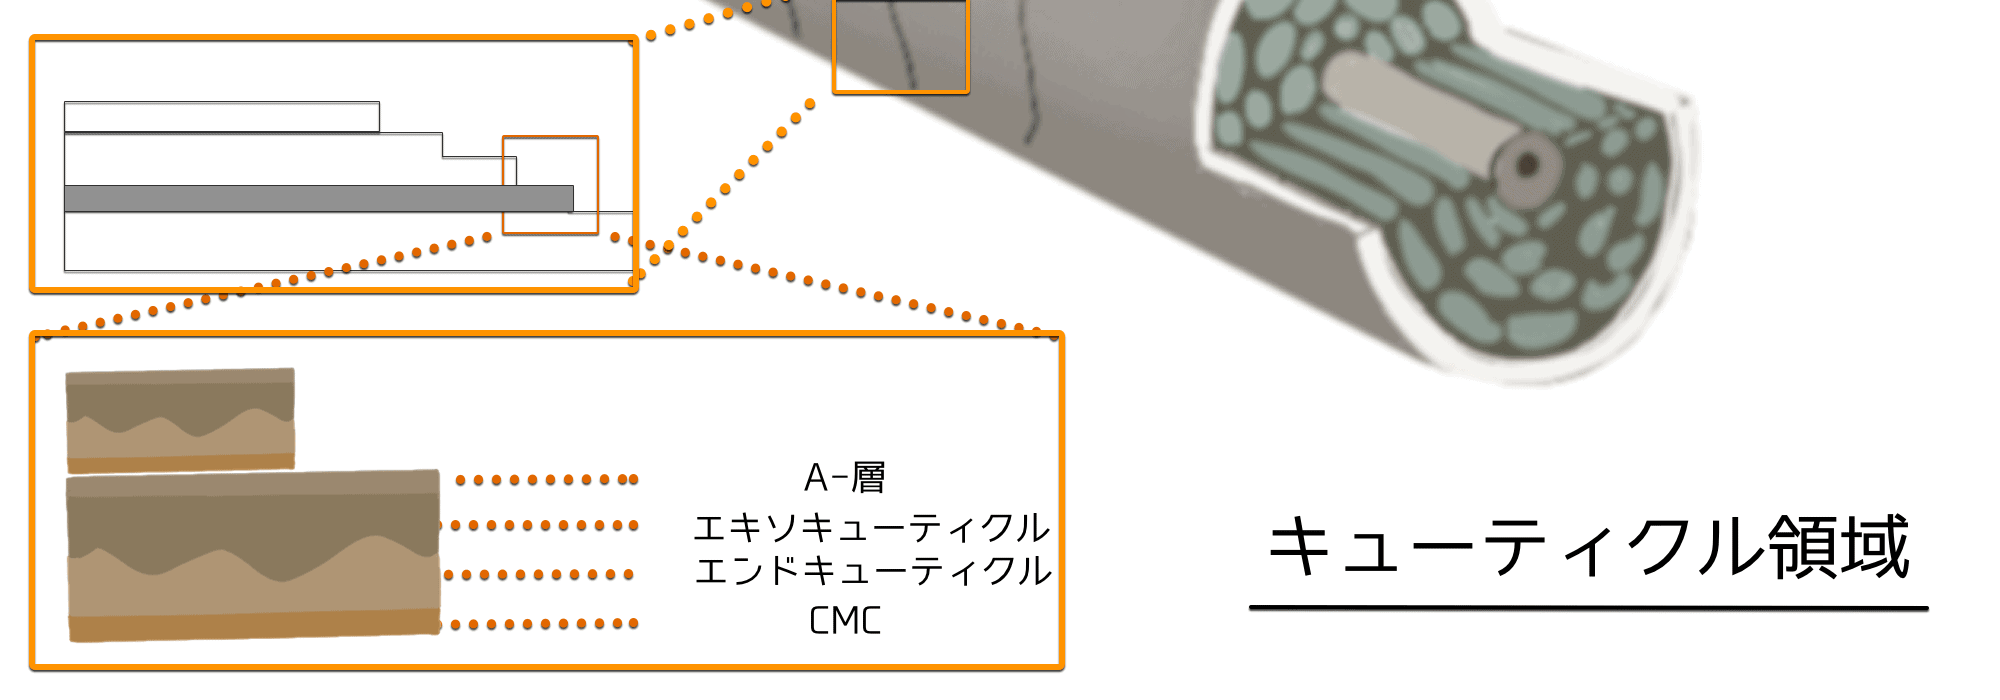 【市販品】美容師おすすめ「アホ毛を直す&抑える」ヘアマスク&ヘアパックTOP5!